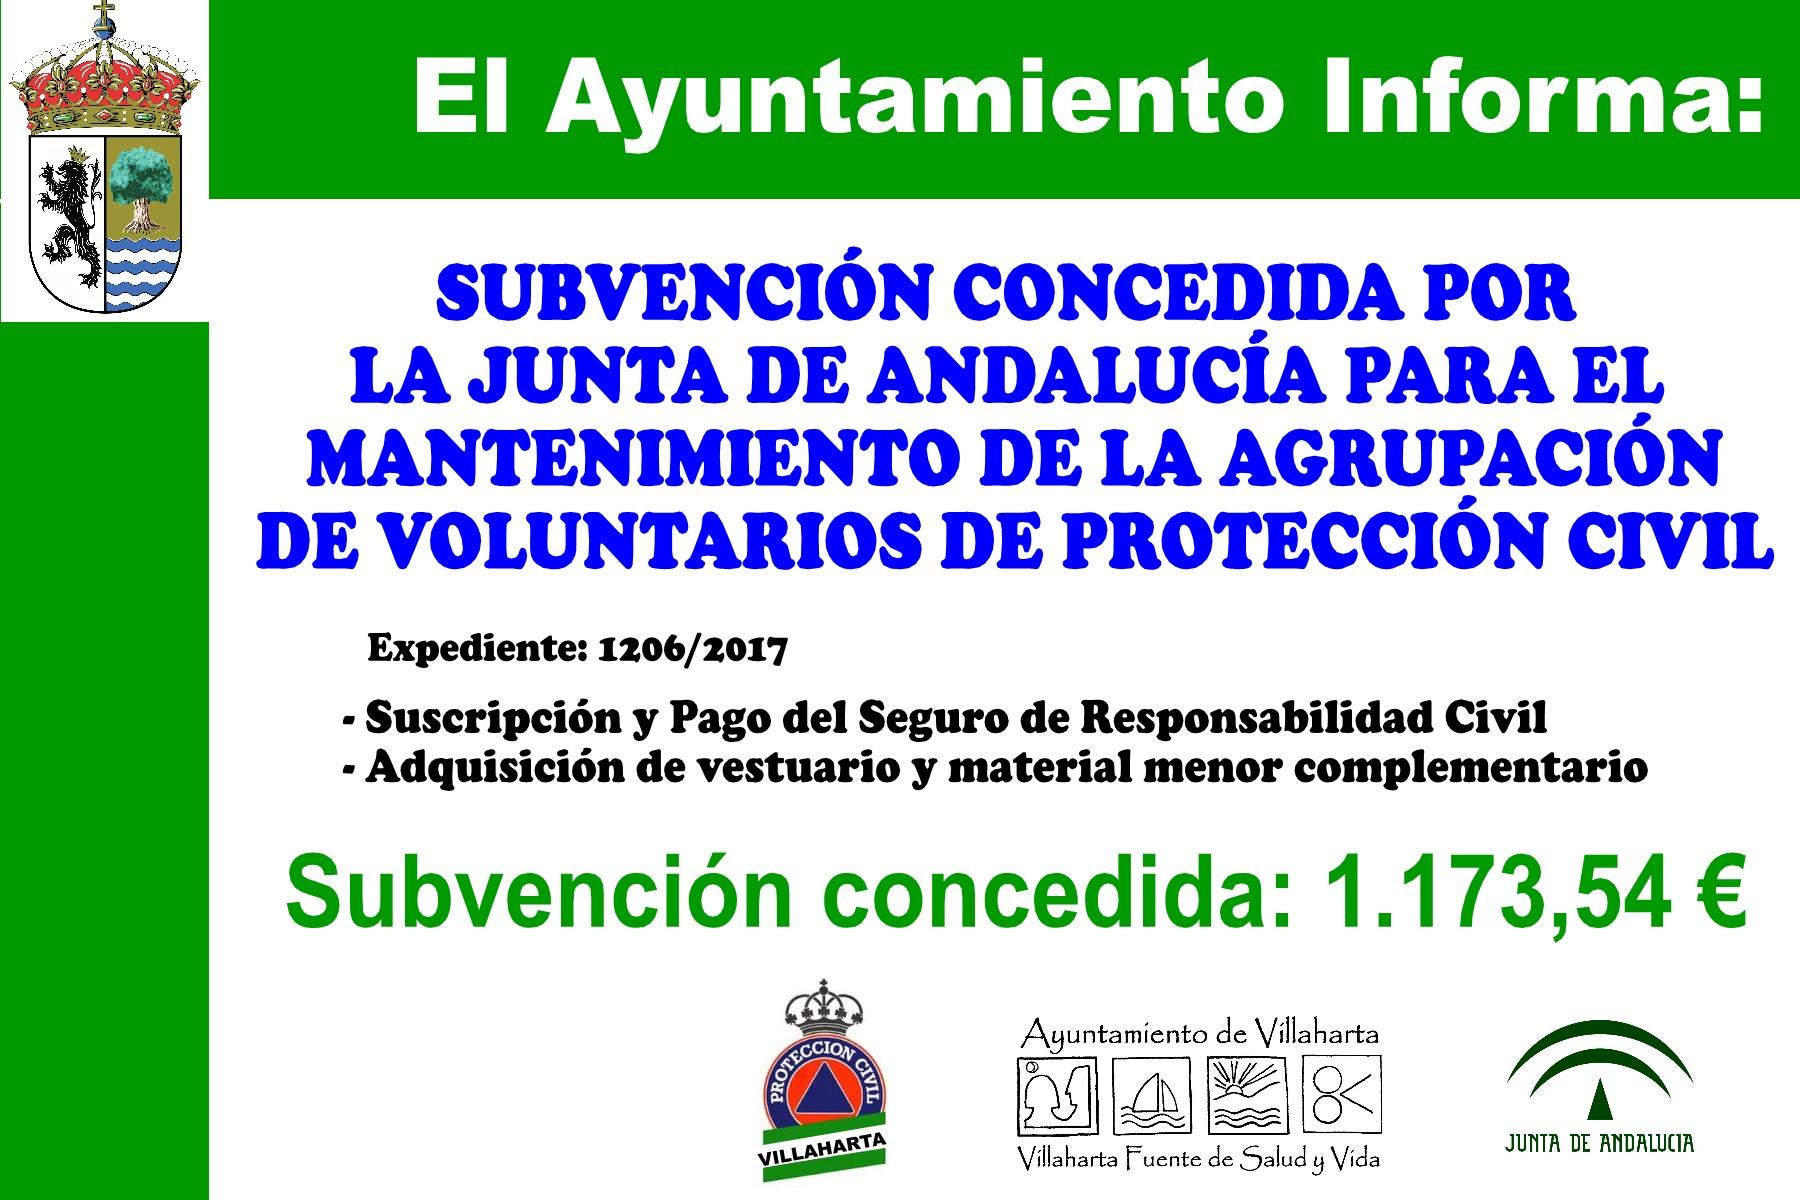 SUBVENCIONES RECIBIDAS. 2017 11